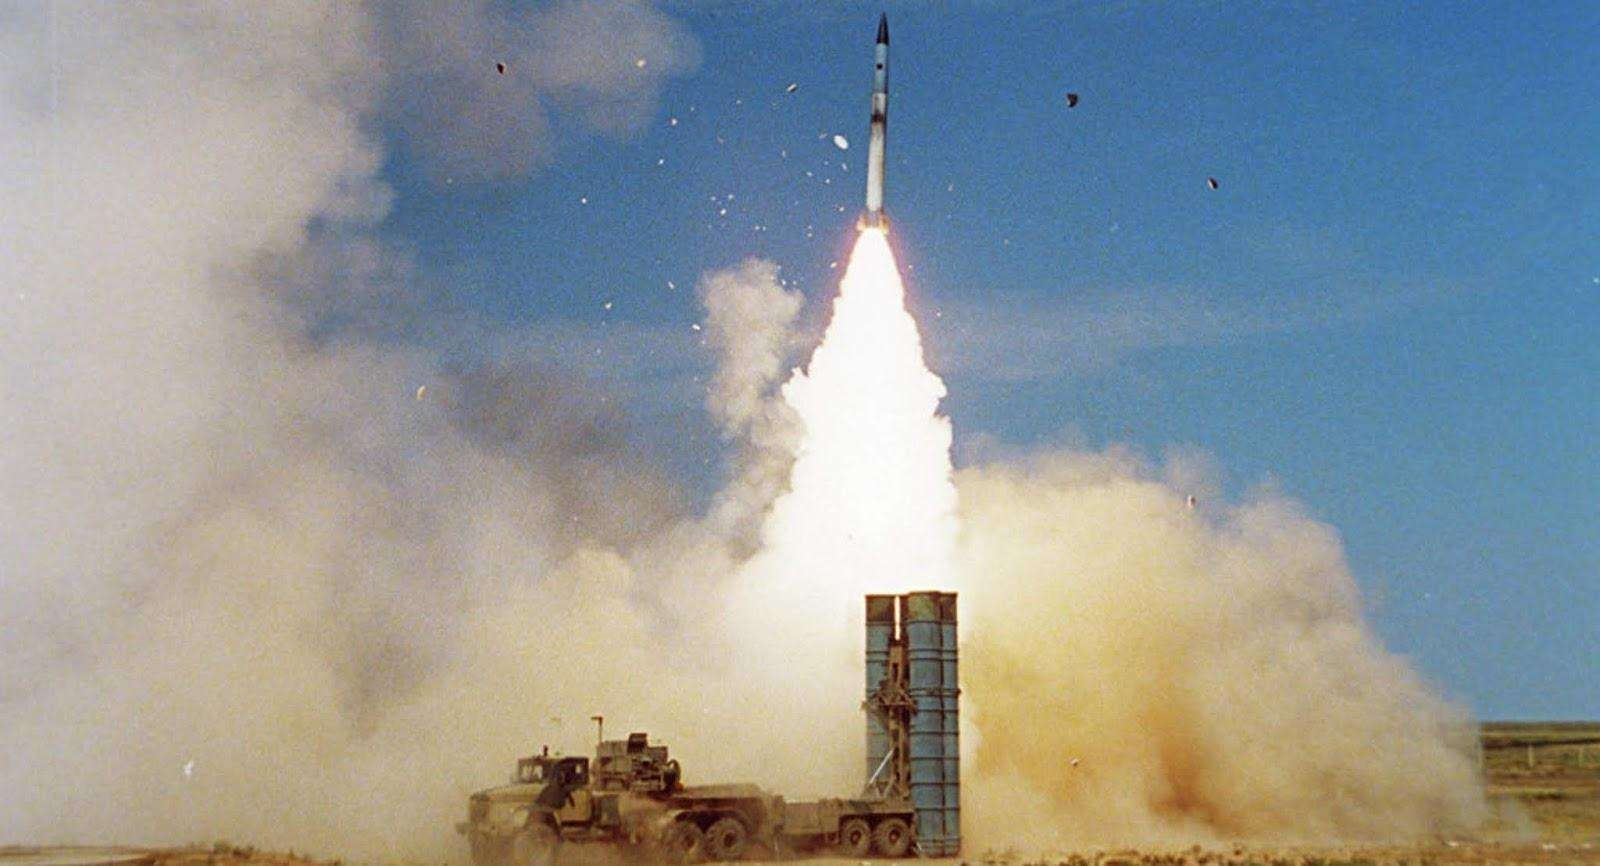 叙利亚阵营绝密泄露!以军数十架战机闪电空袭,摧毁大量王牌武器